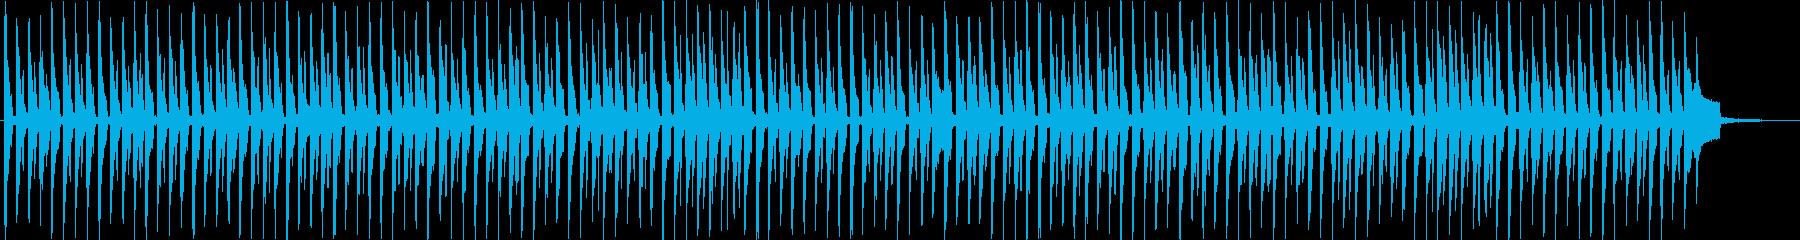 きっちり感のある可愛いBGMの再生済みの波形